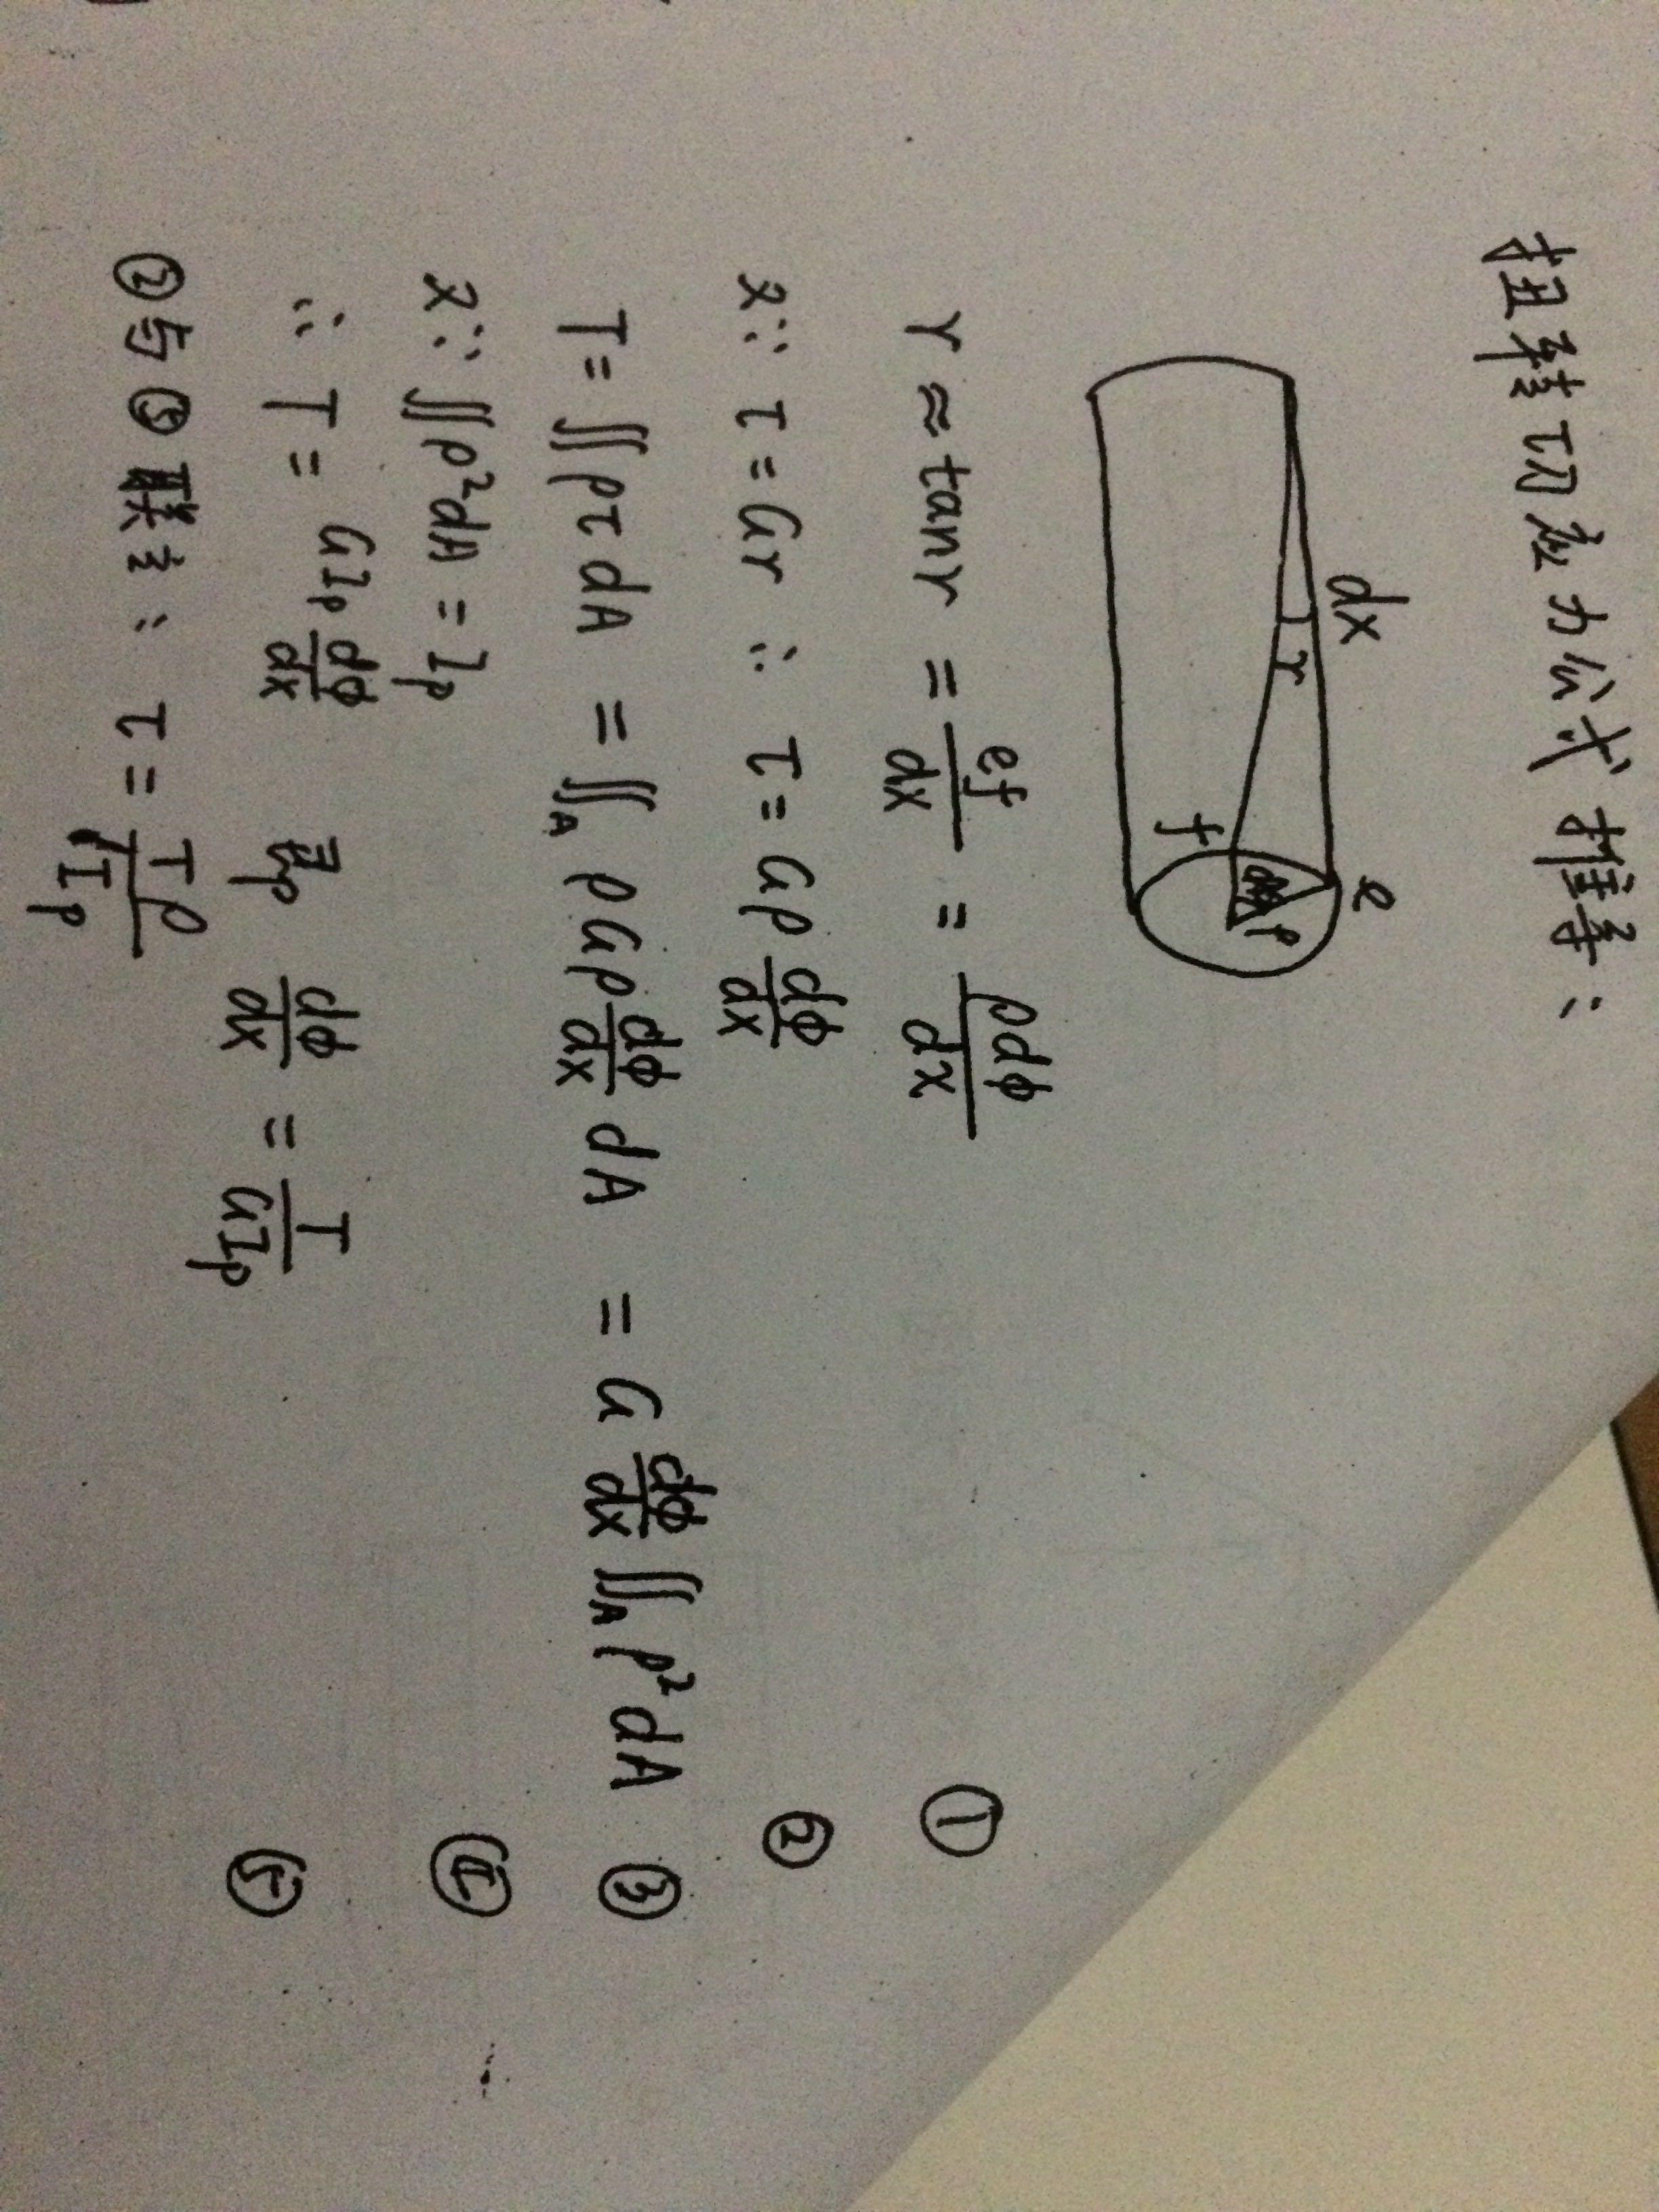 材料力学应力公式_材料力学问题,圆杆扭转角公式中分母 为什么是Ip 不是Wp? - 知乎